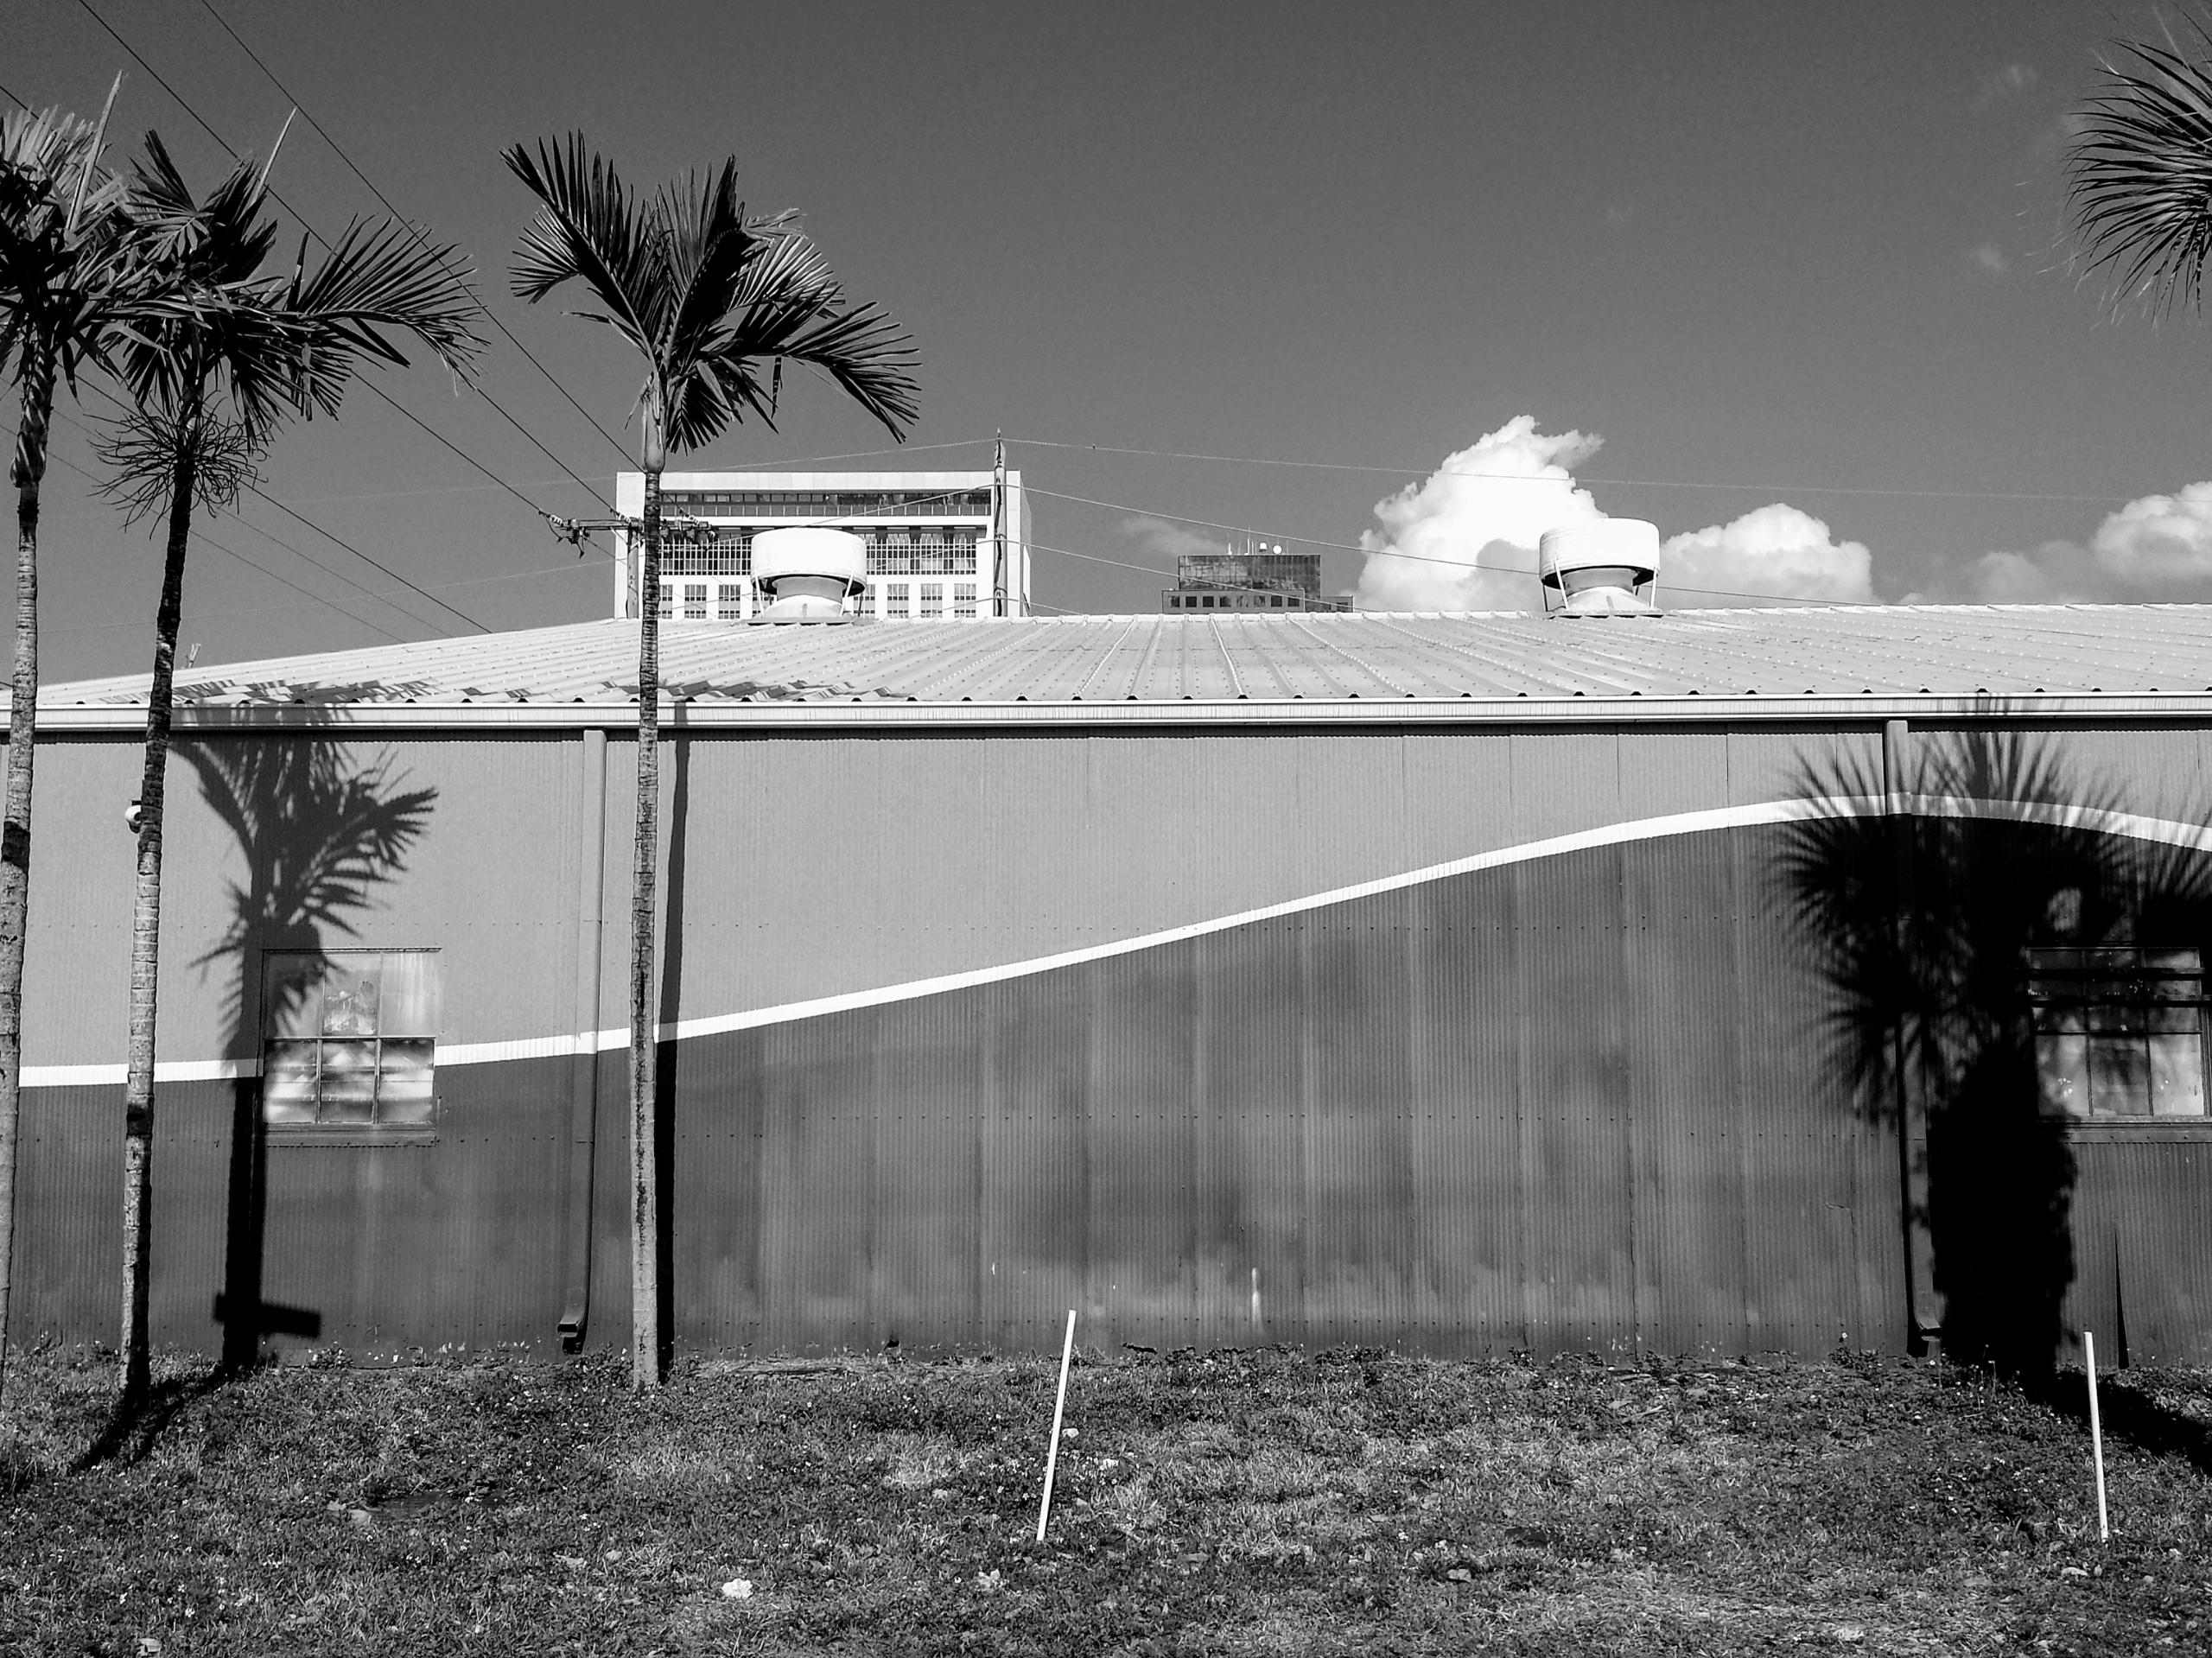 Florida Lines Pamir Kiciman 201 - wabi__sabi | ello